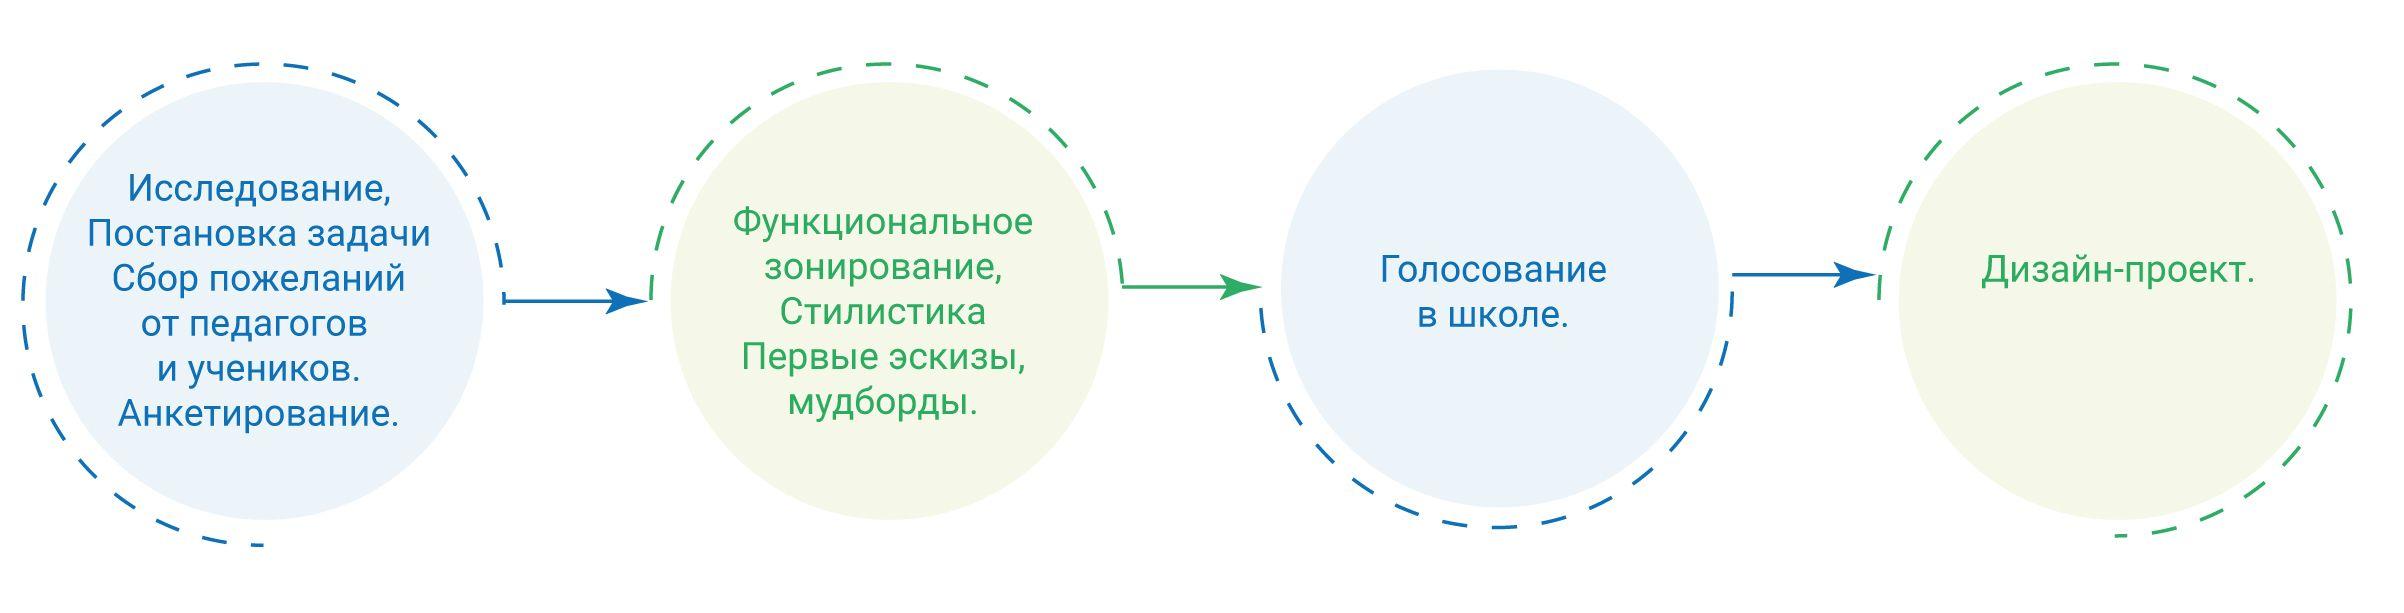 схема работы перед дизайн-проектом в школе